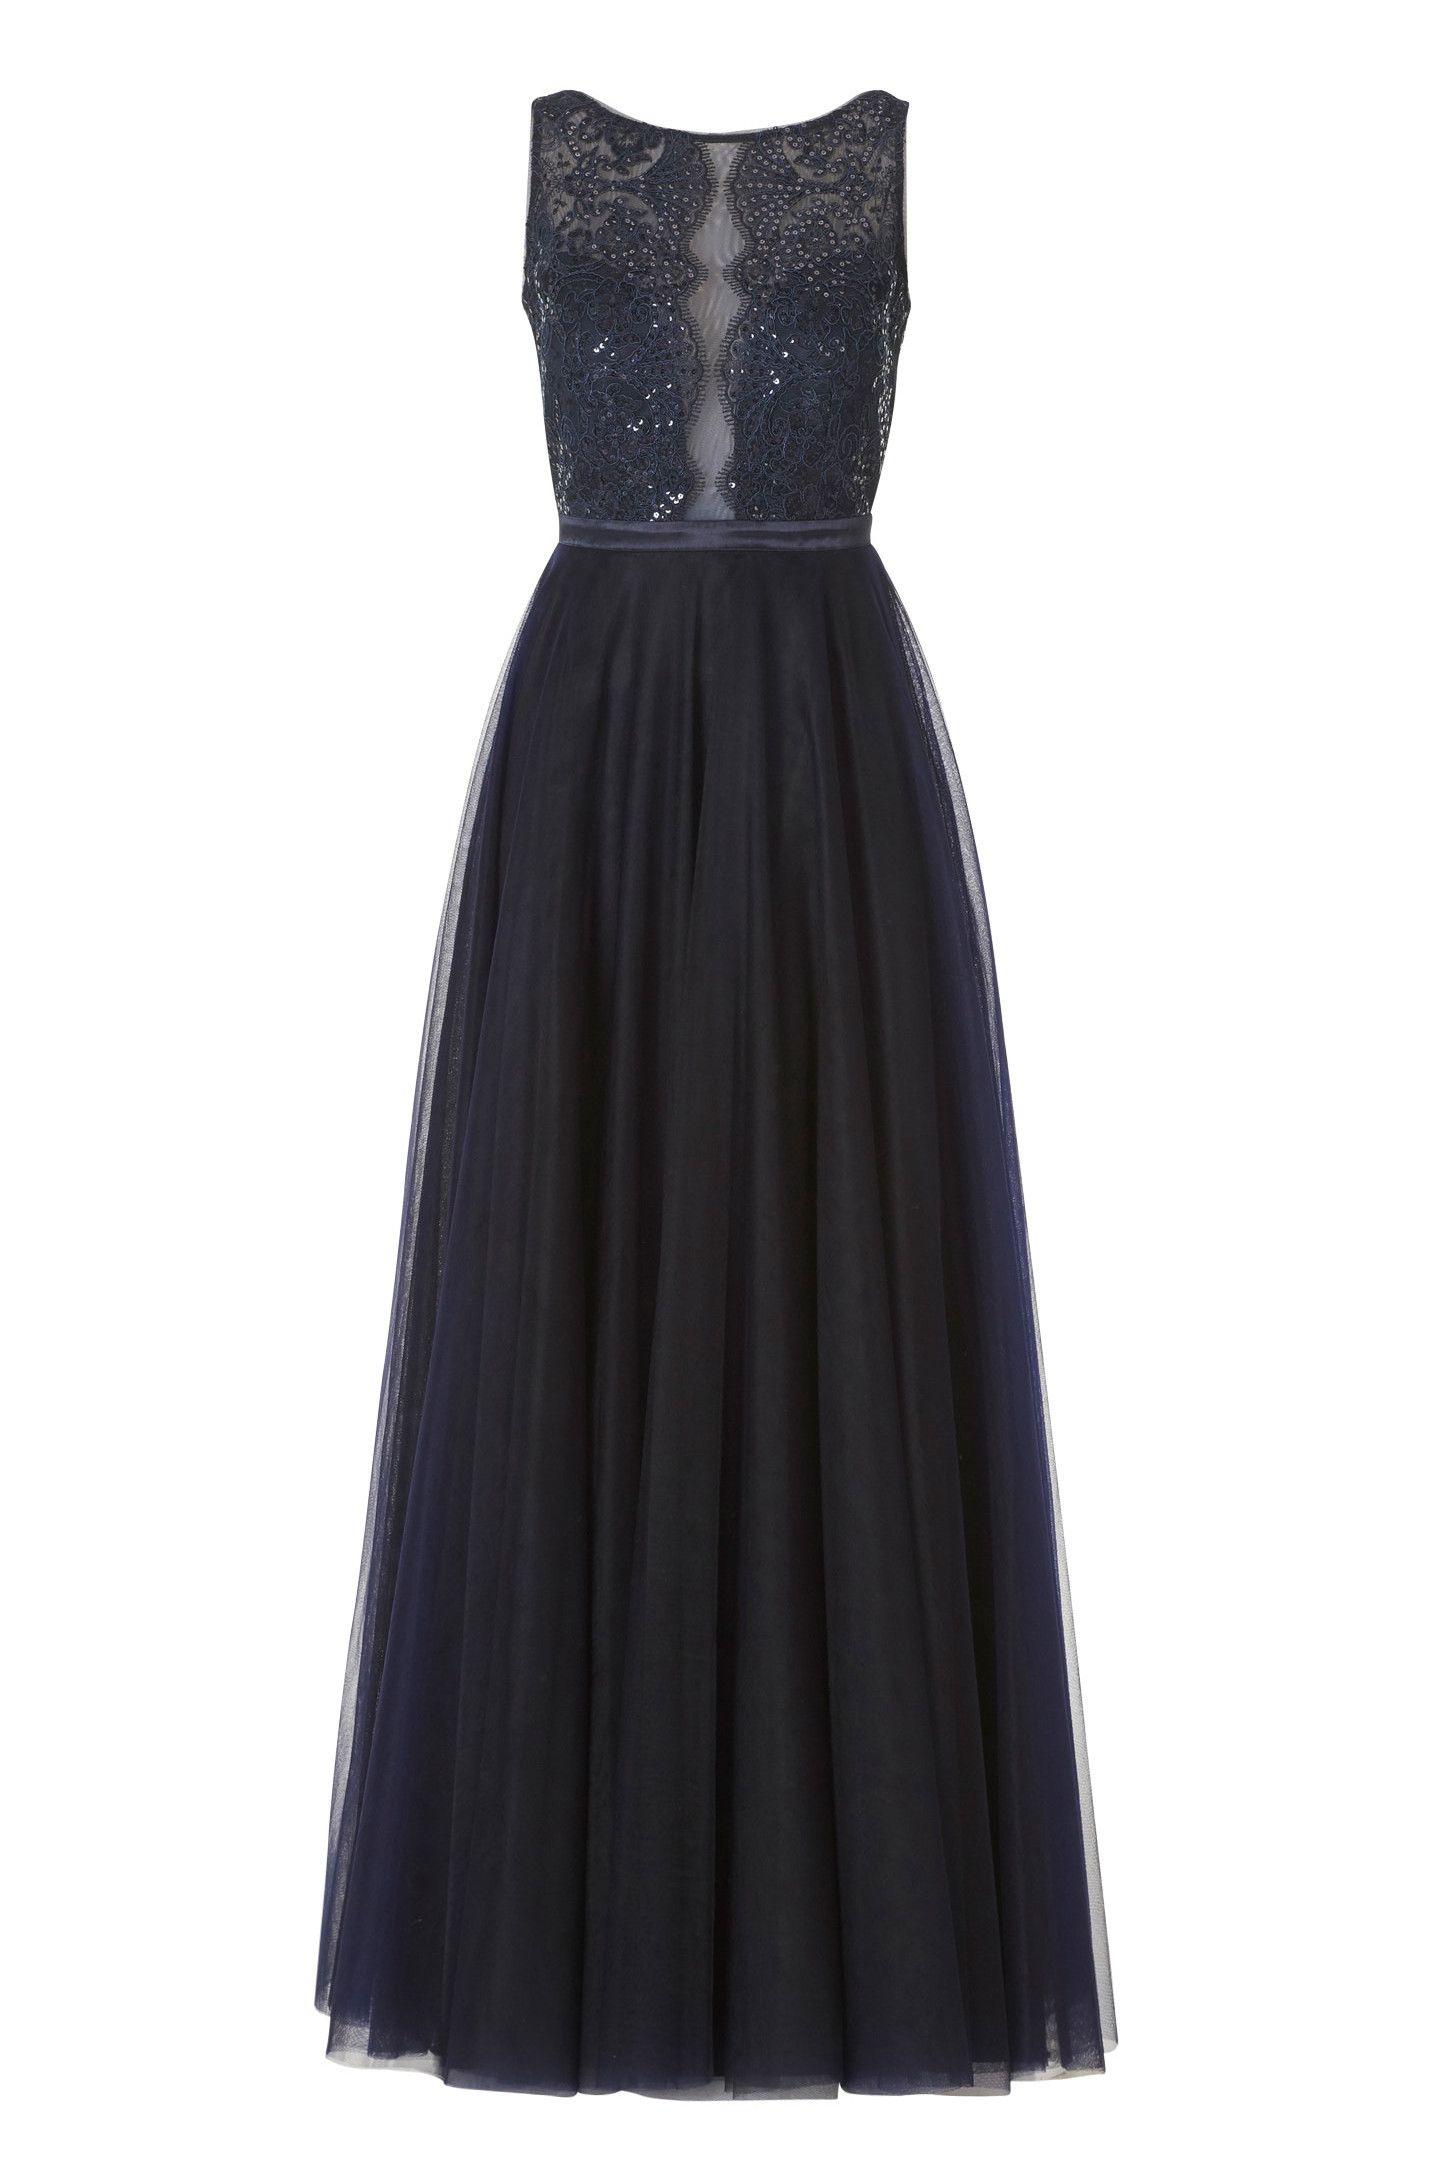 15 Einfach Abendkleid Nachtblau Lang Boutique Kreativ Abendkleid Nachtblau Lang Ärmel